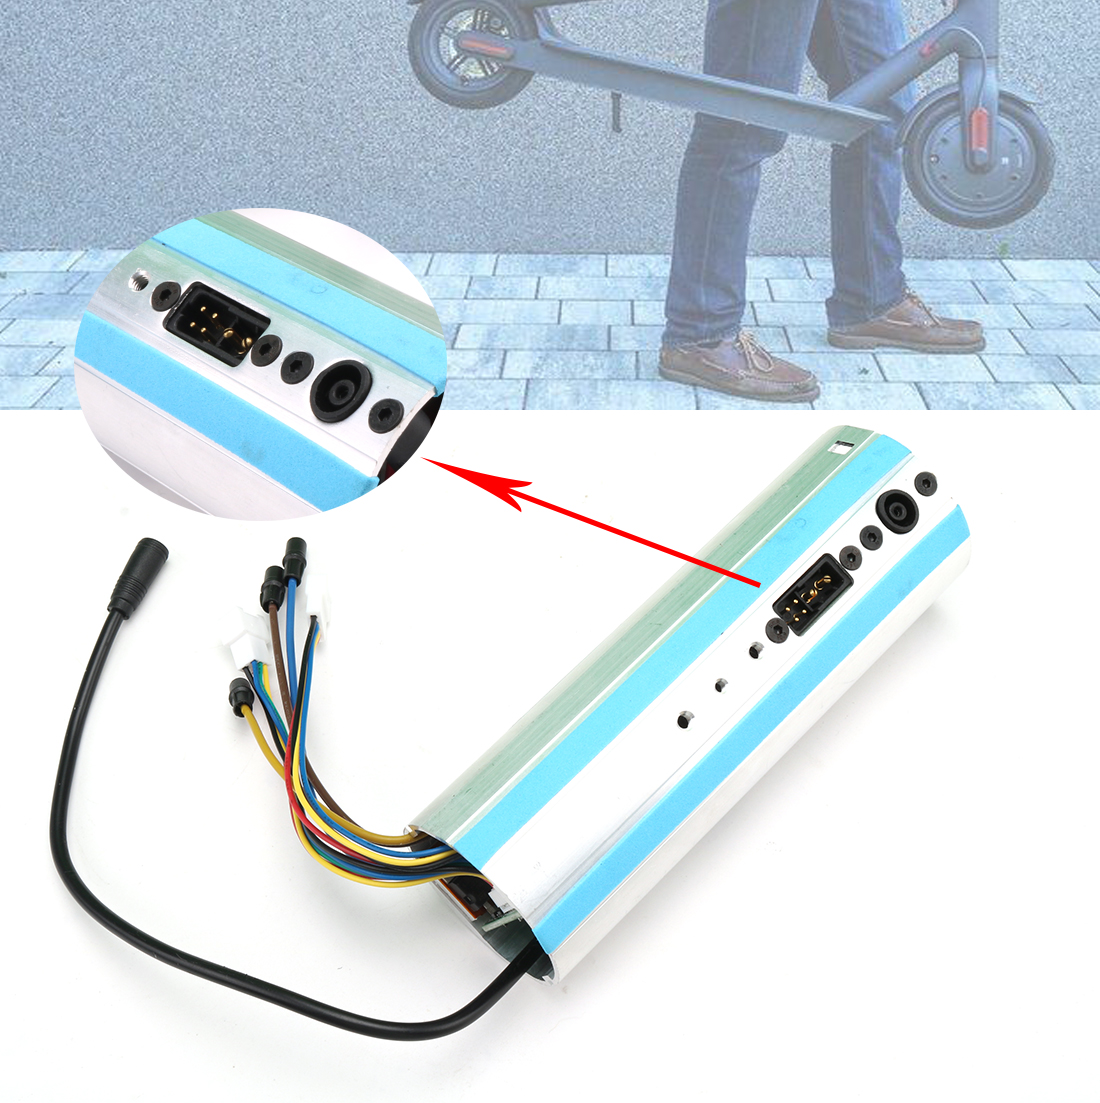 Новая замена для Ninebot Segway ES1/ES2/ES3/ES4, активированная Bluetooth панель управления приборной панели скутера